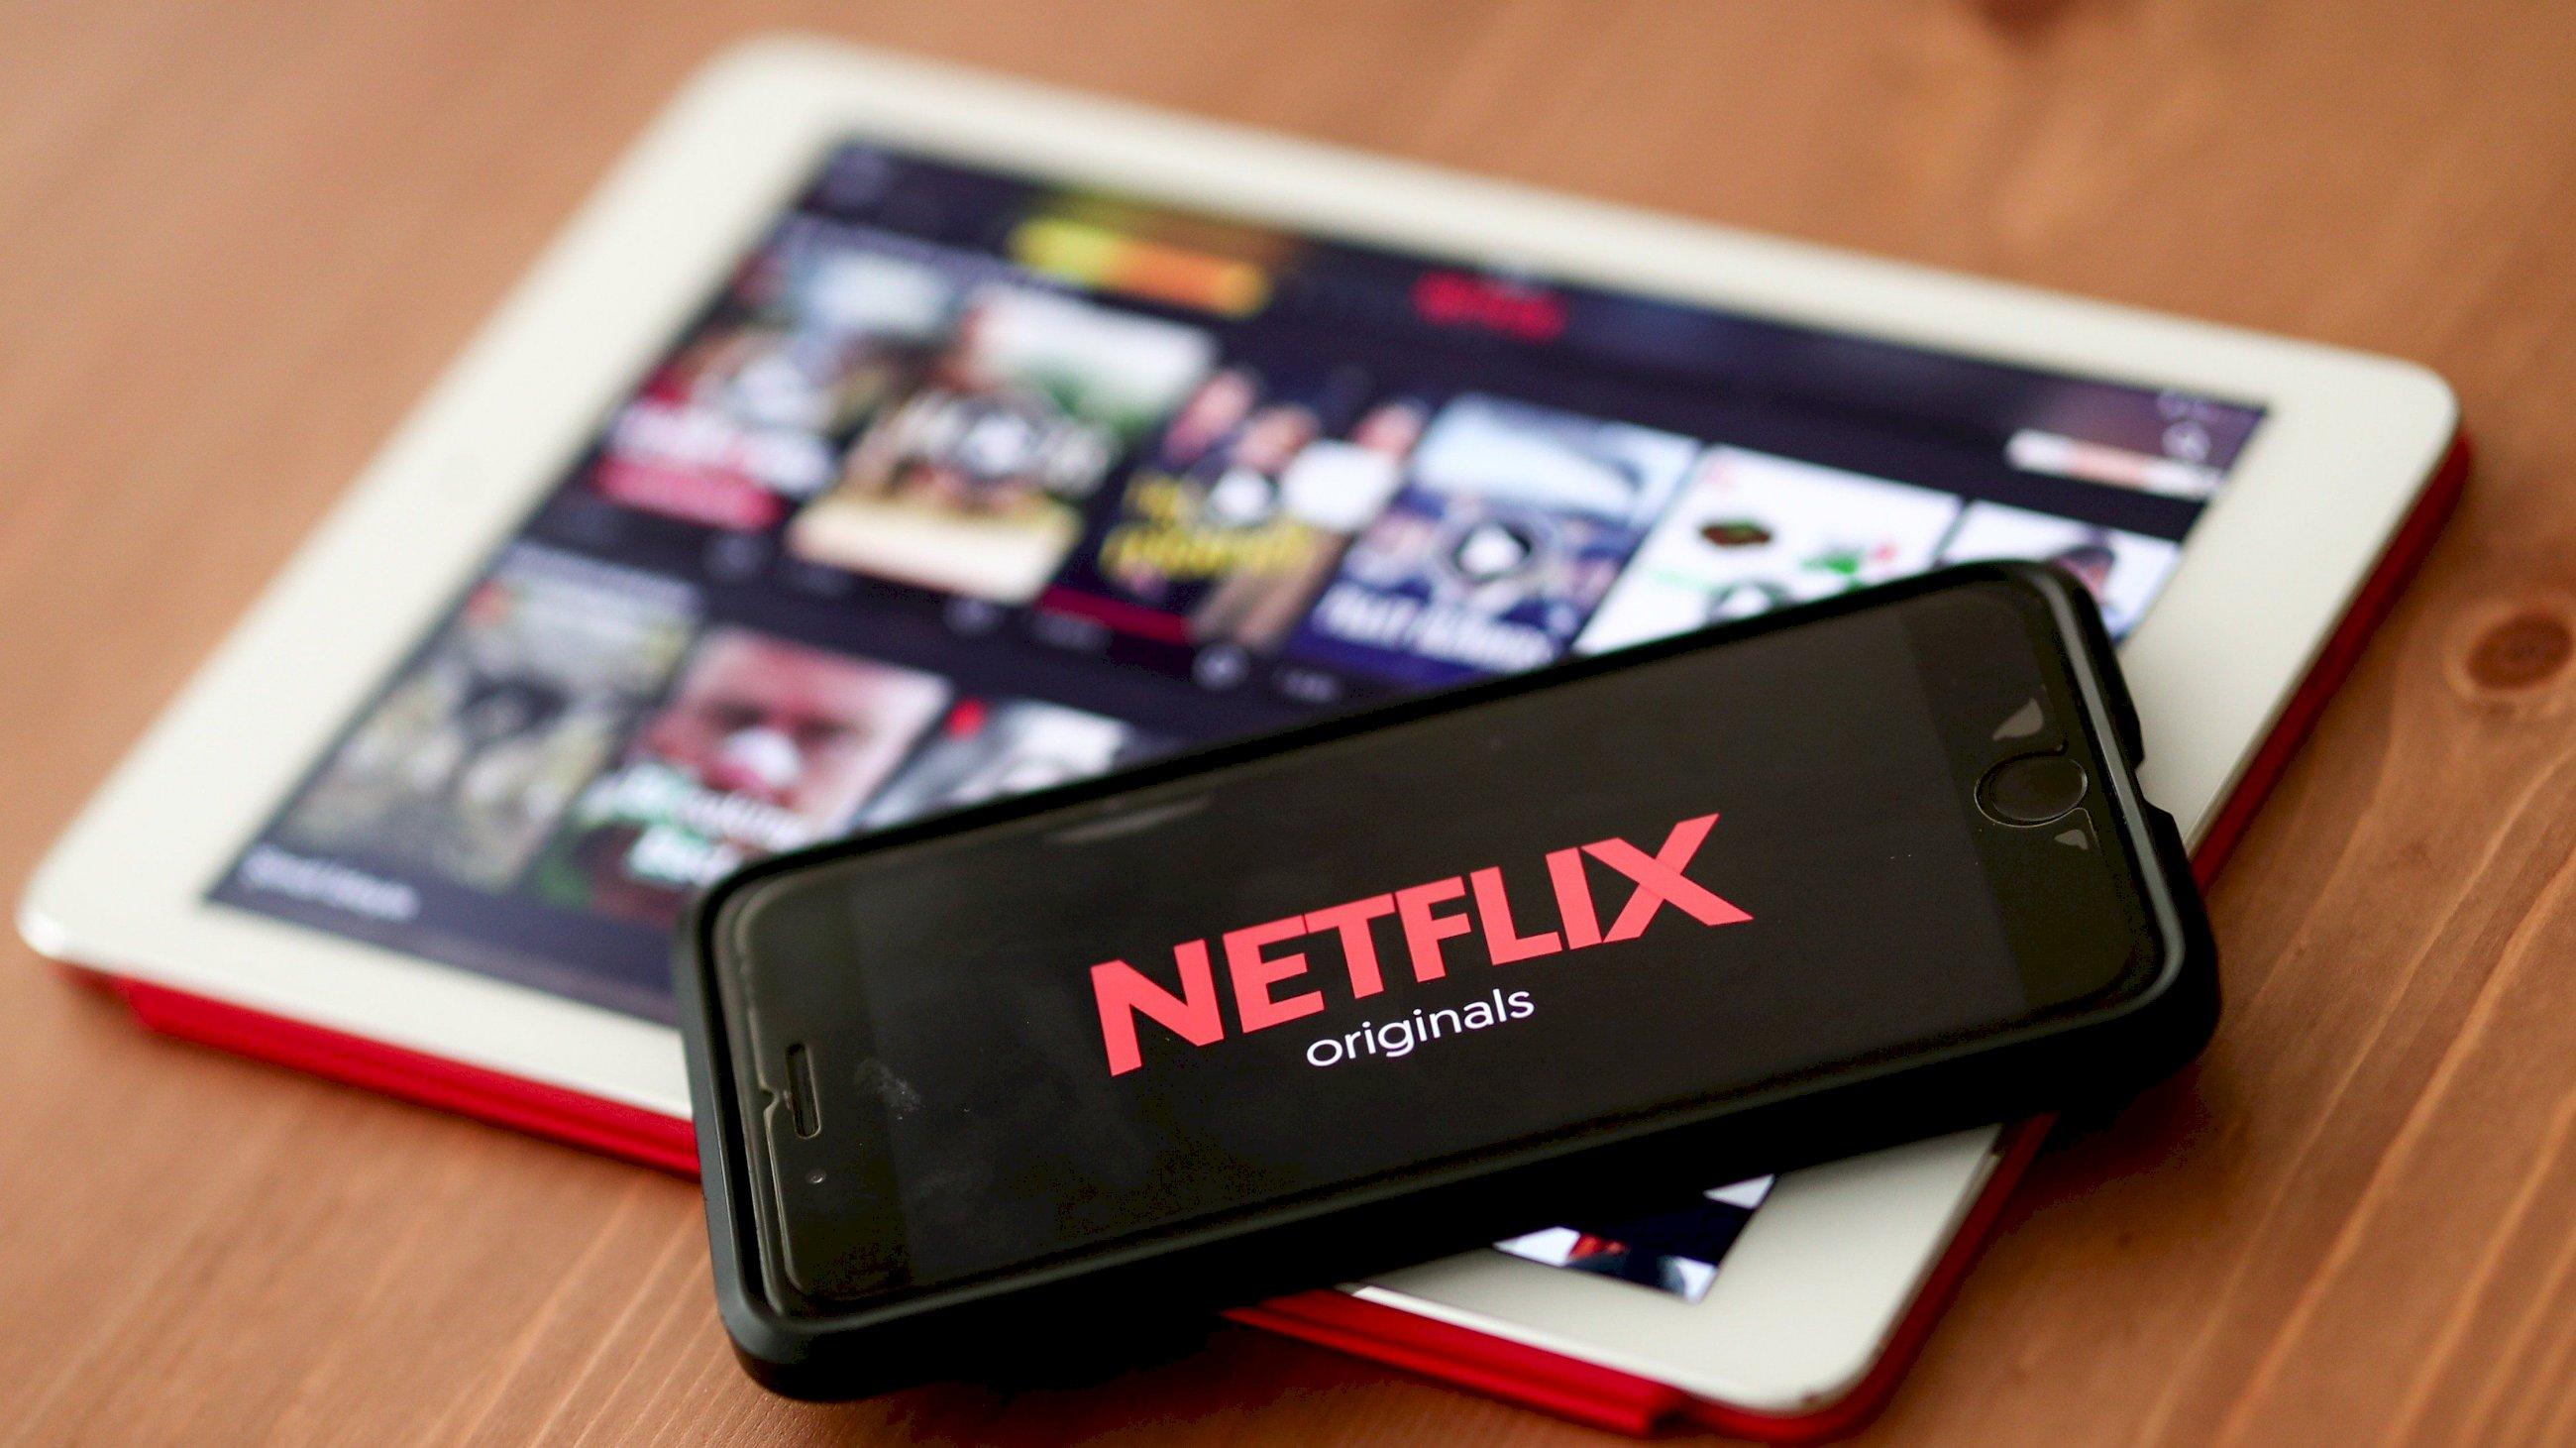 Guerra del streaming: las estrategias de Movistar+, Orange y Vodafone